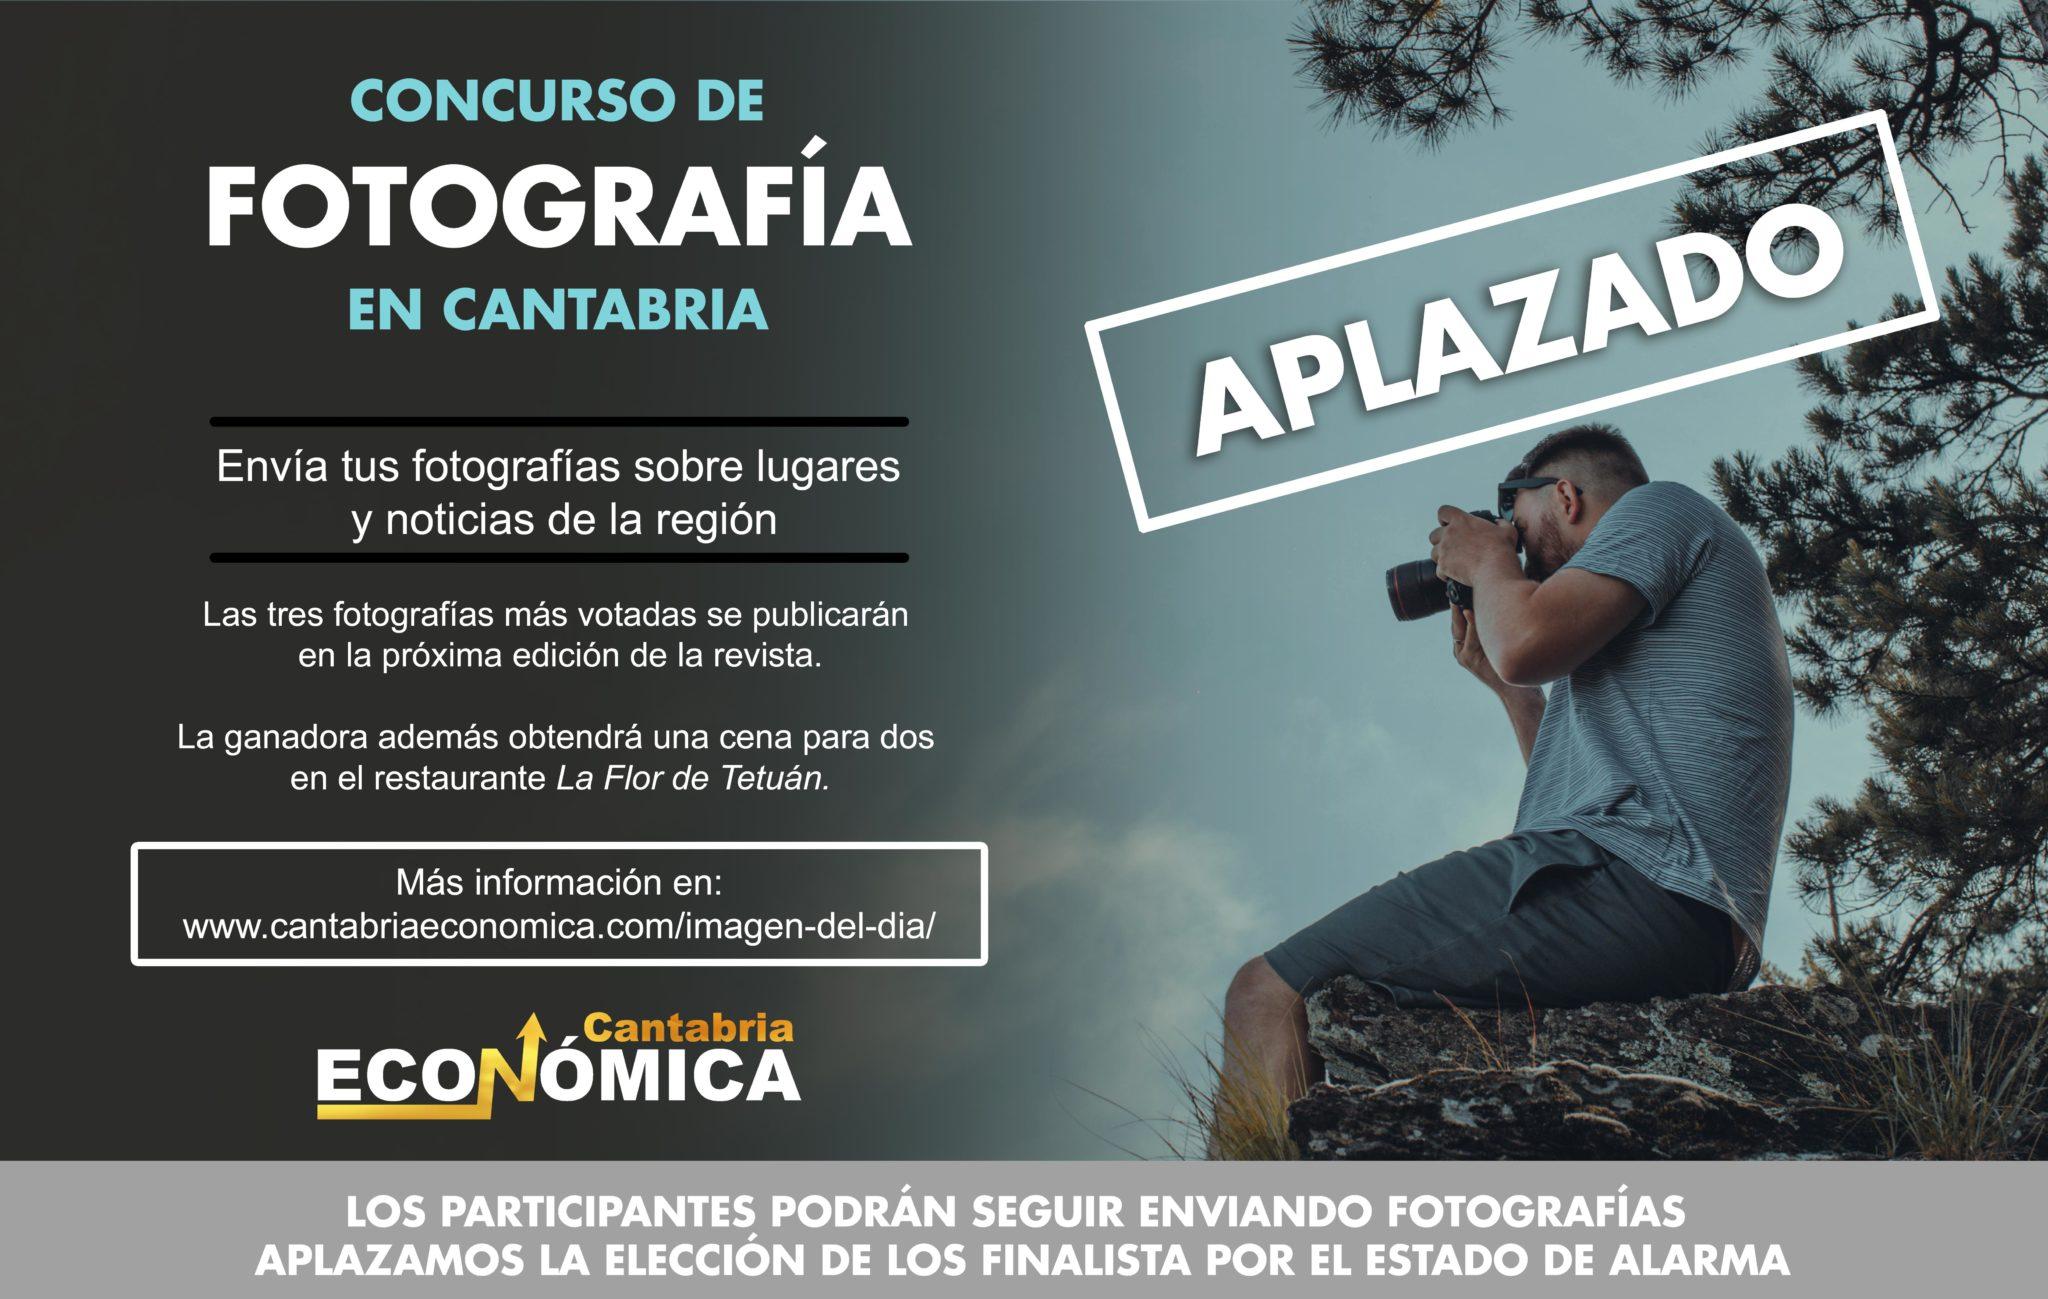 Concurso mensual de fotografía